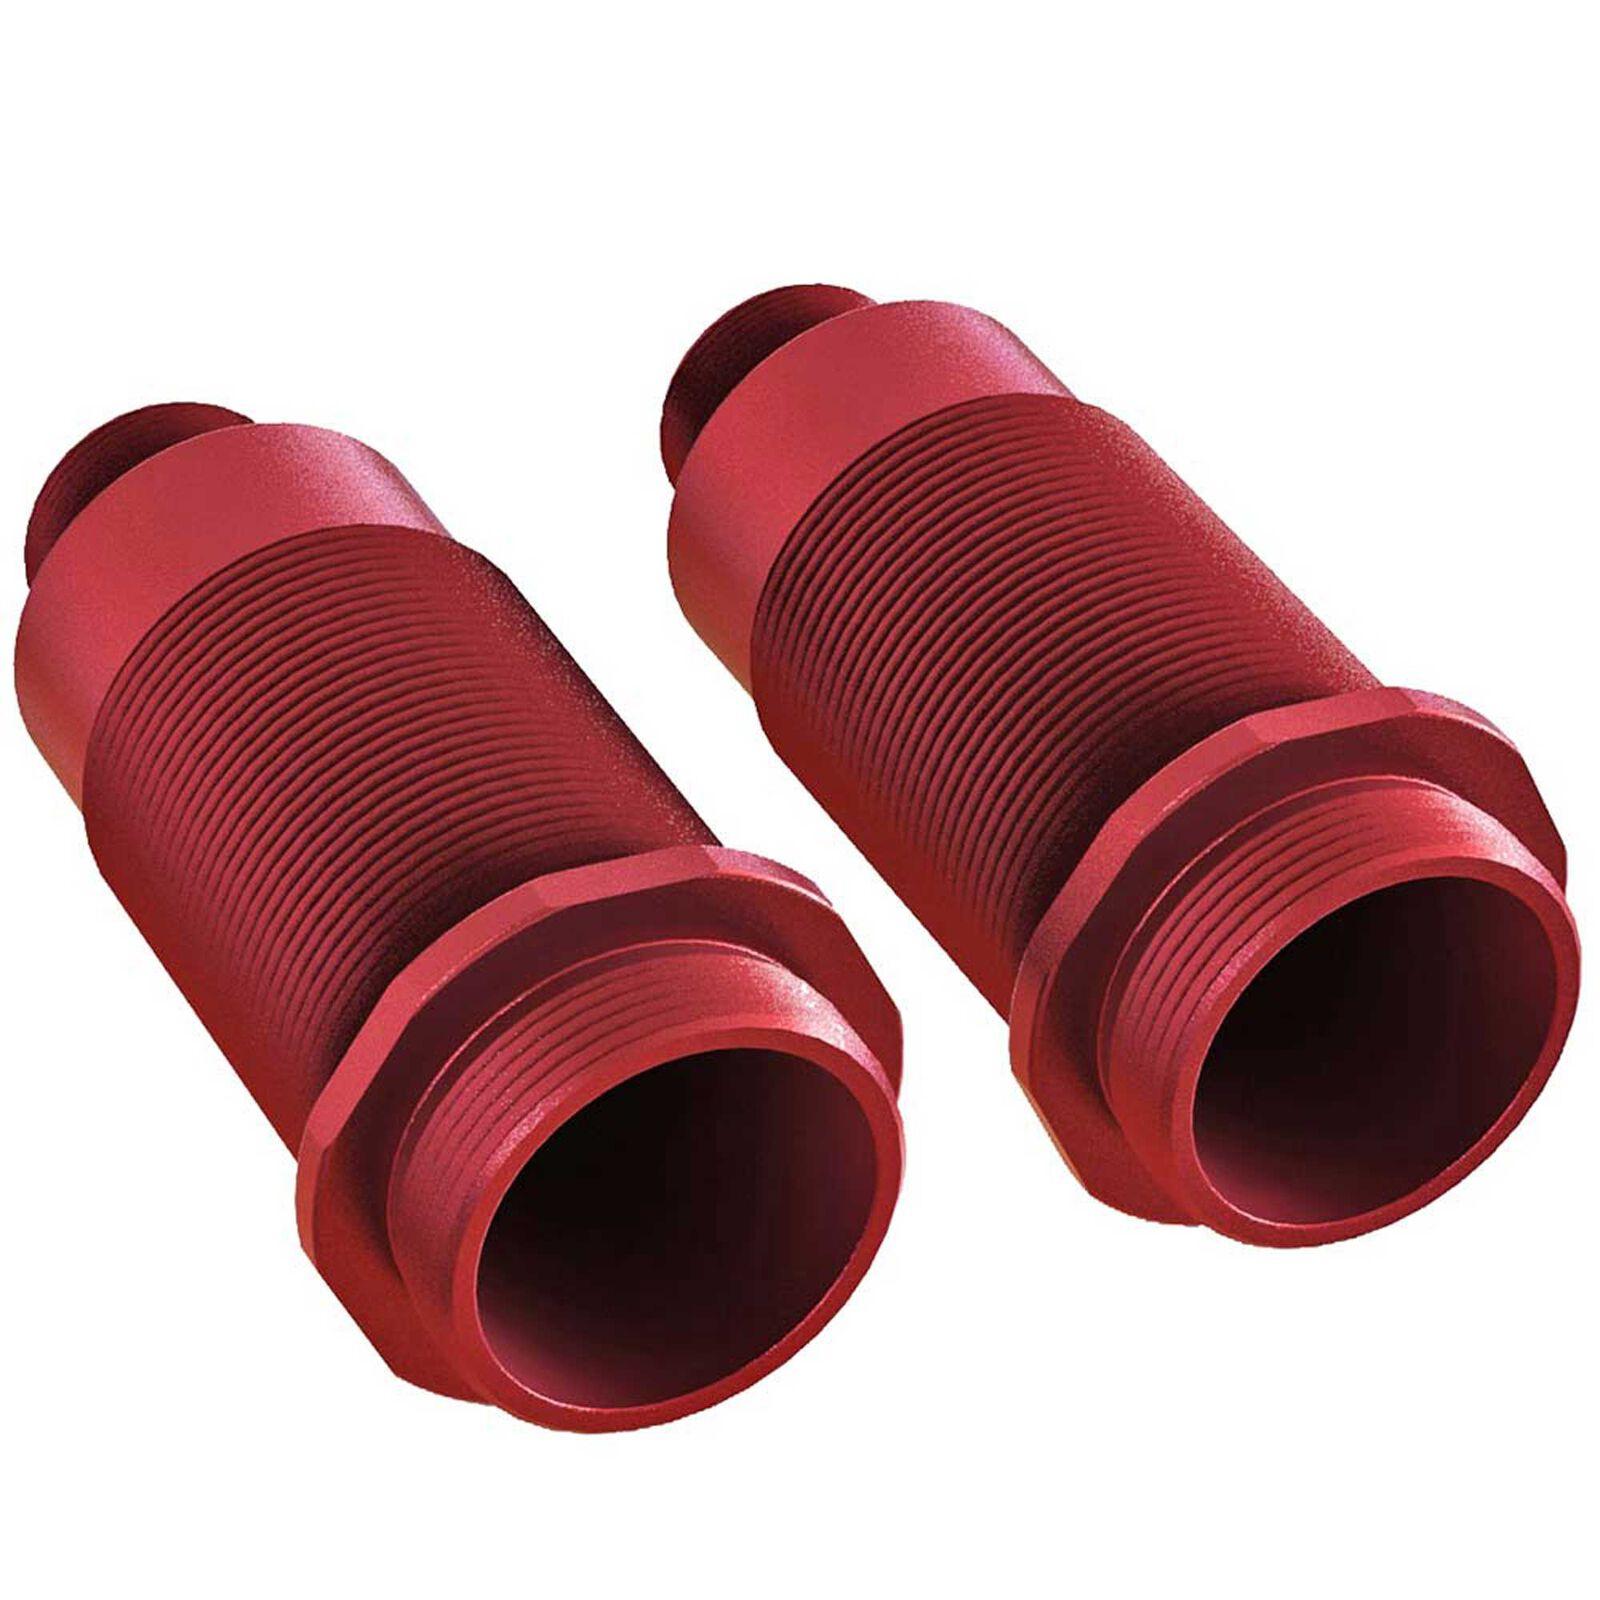 Shock Body 16x54m Aluminum, Red (2): 6S